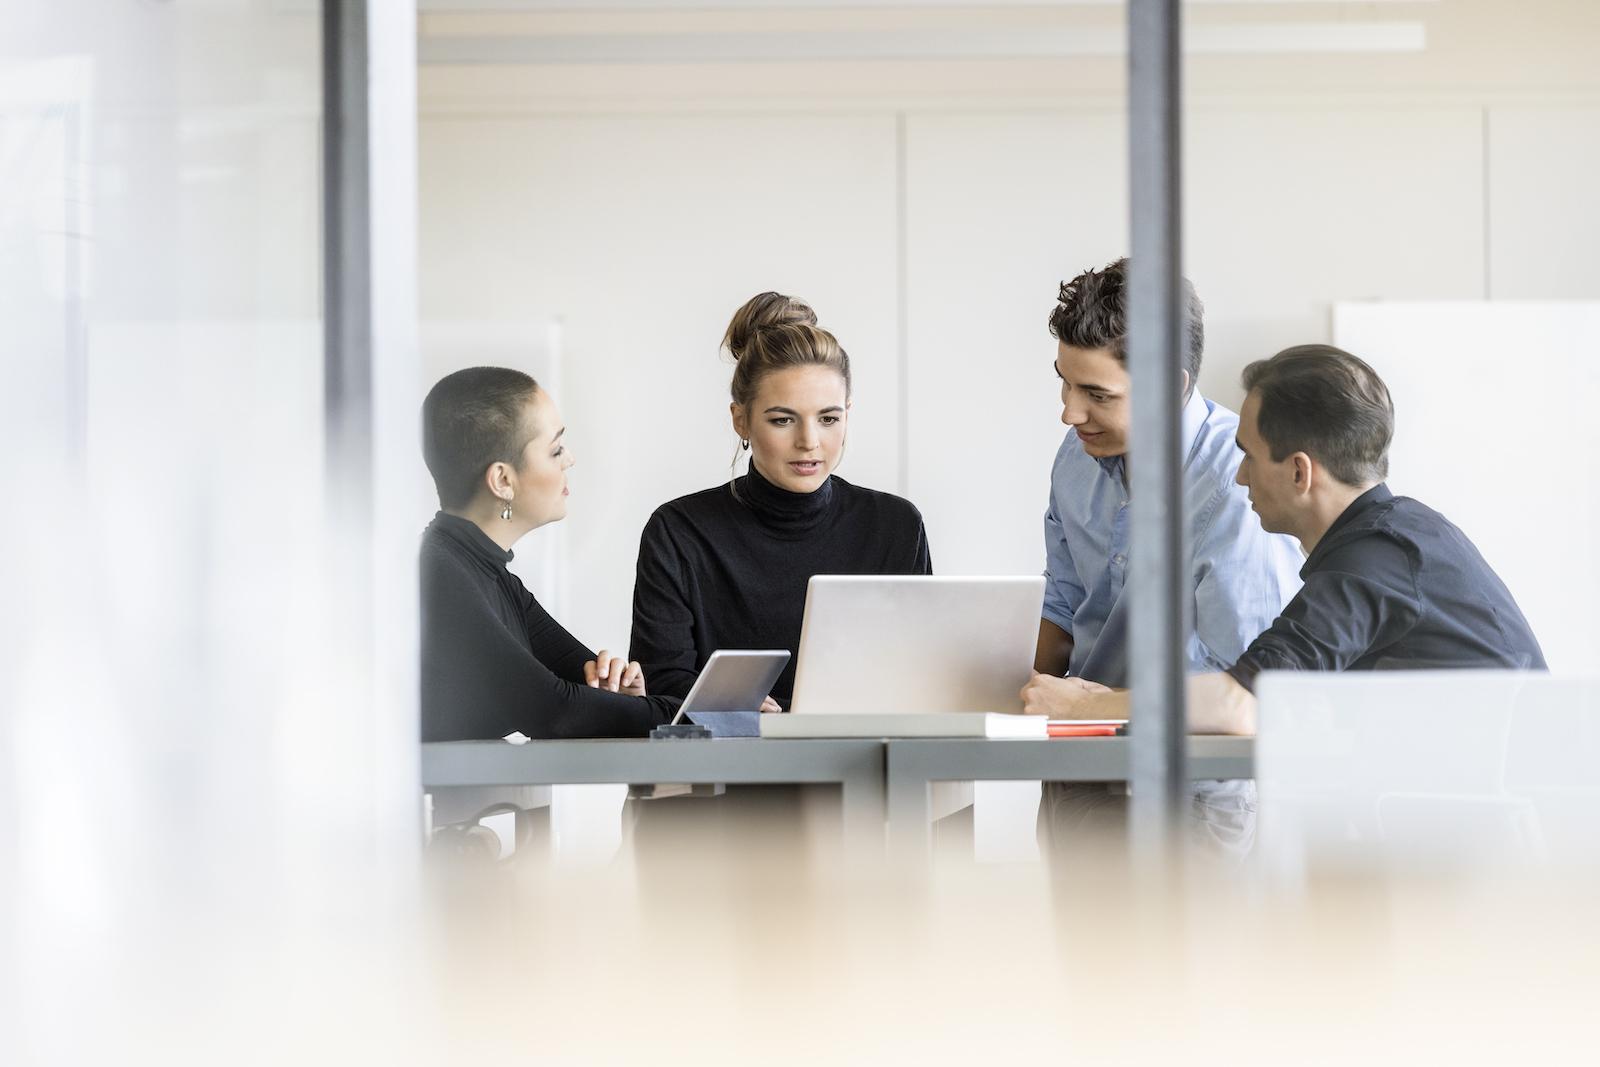 jung business Minimeeting im Office, zwei Männer, zwei Frauen Business-styling Monika Mages